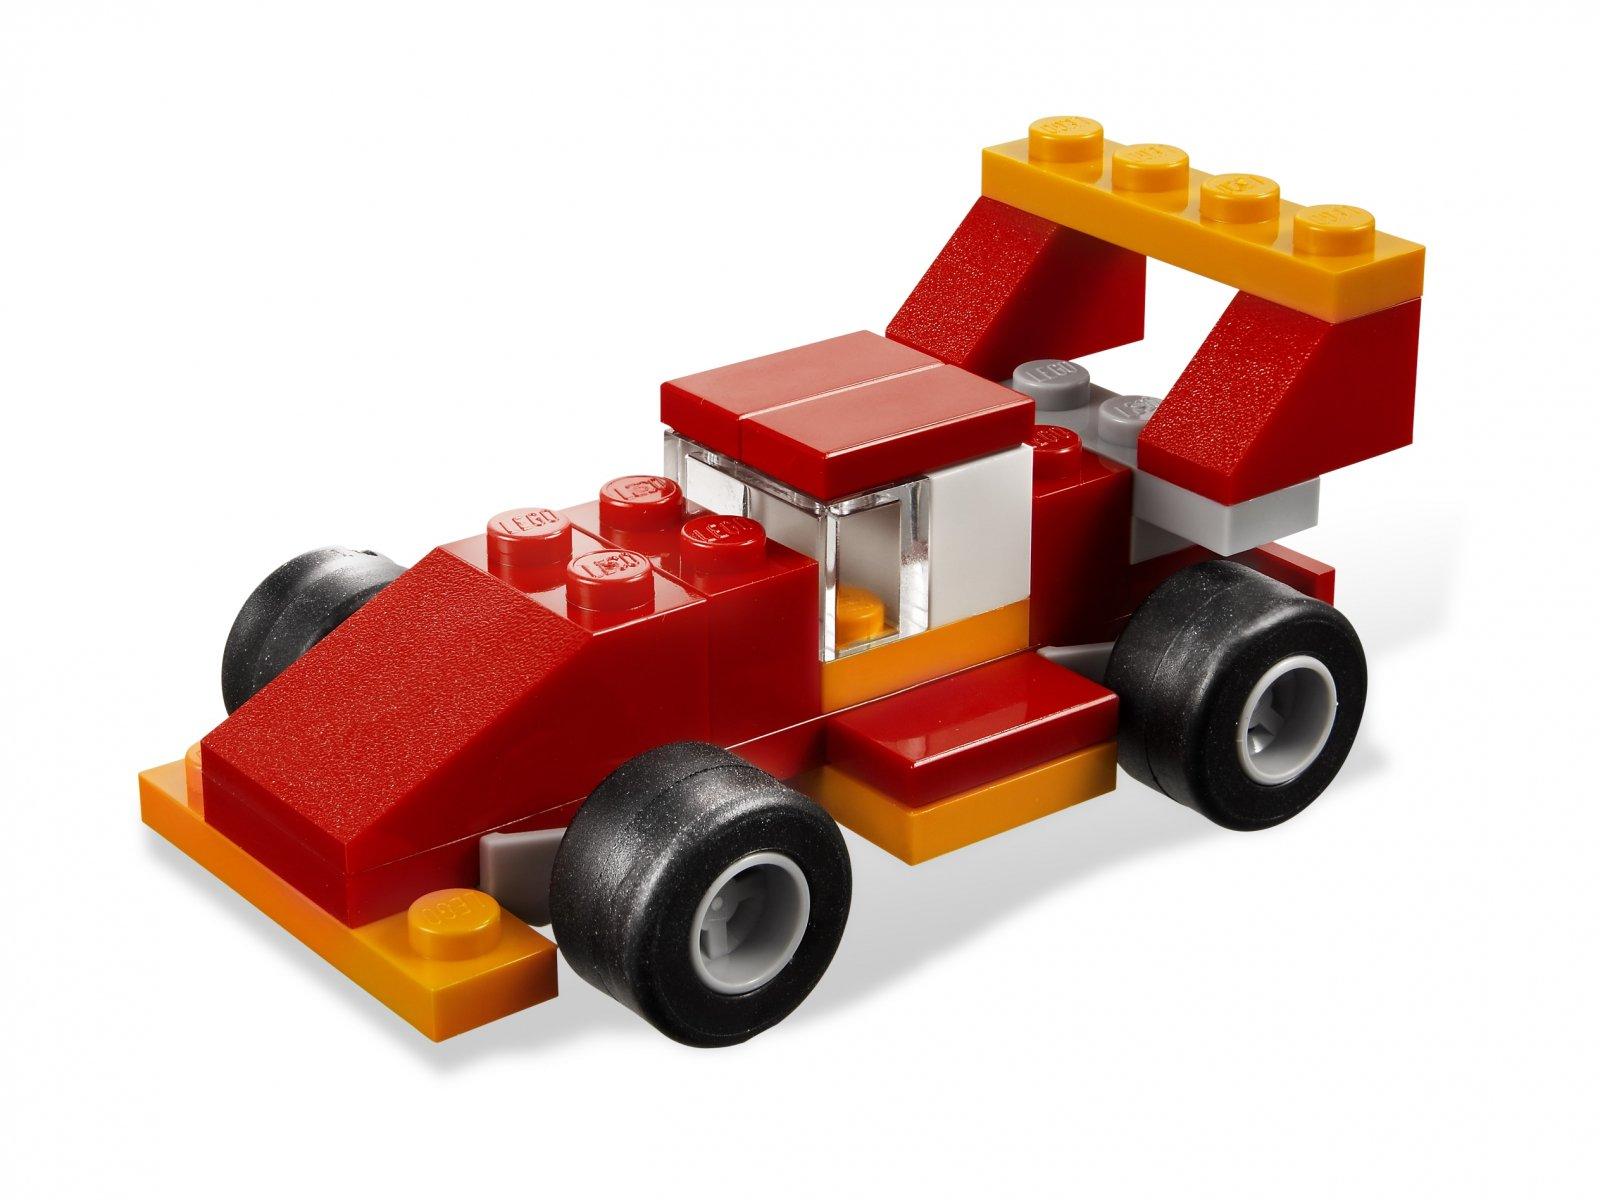 LEGO Bricks & More Zestaw do budowy samochodów 5898